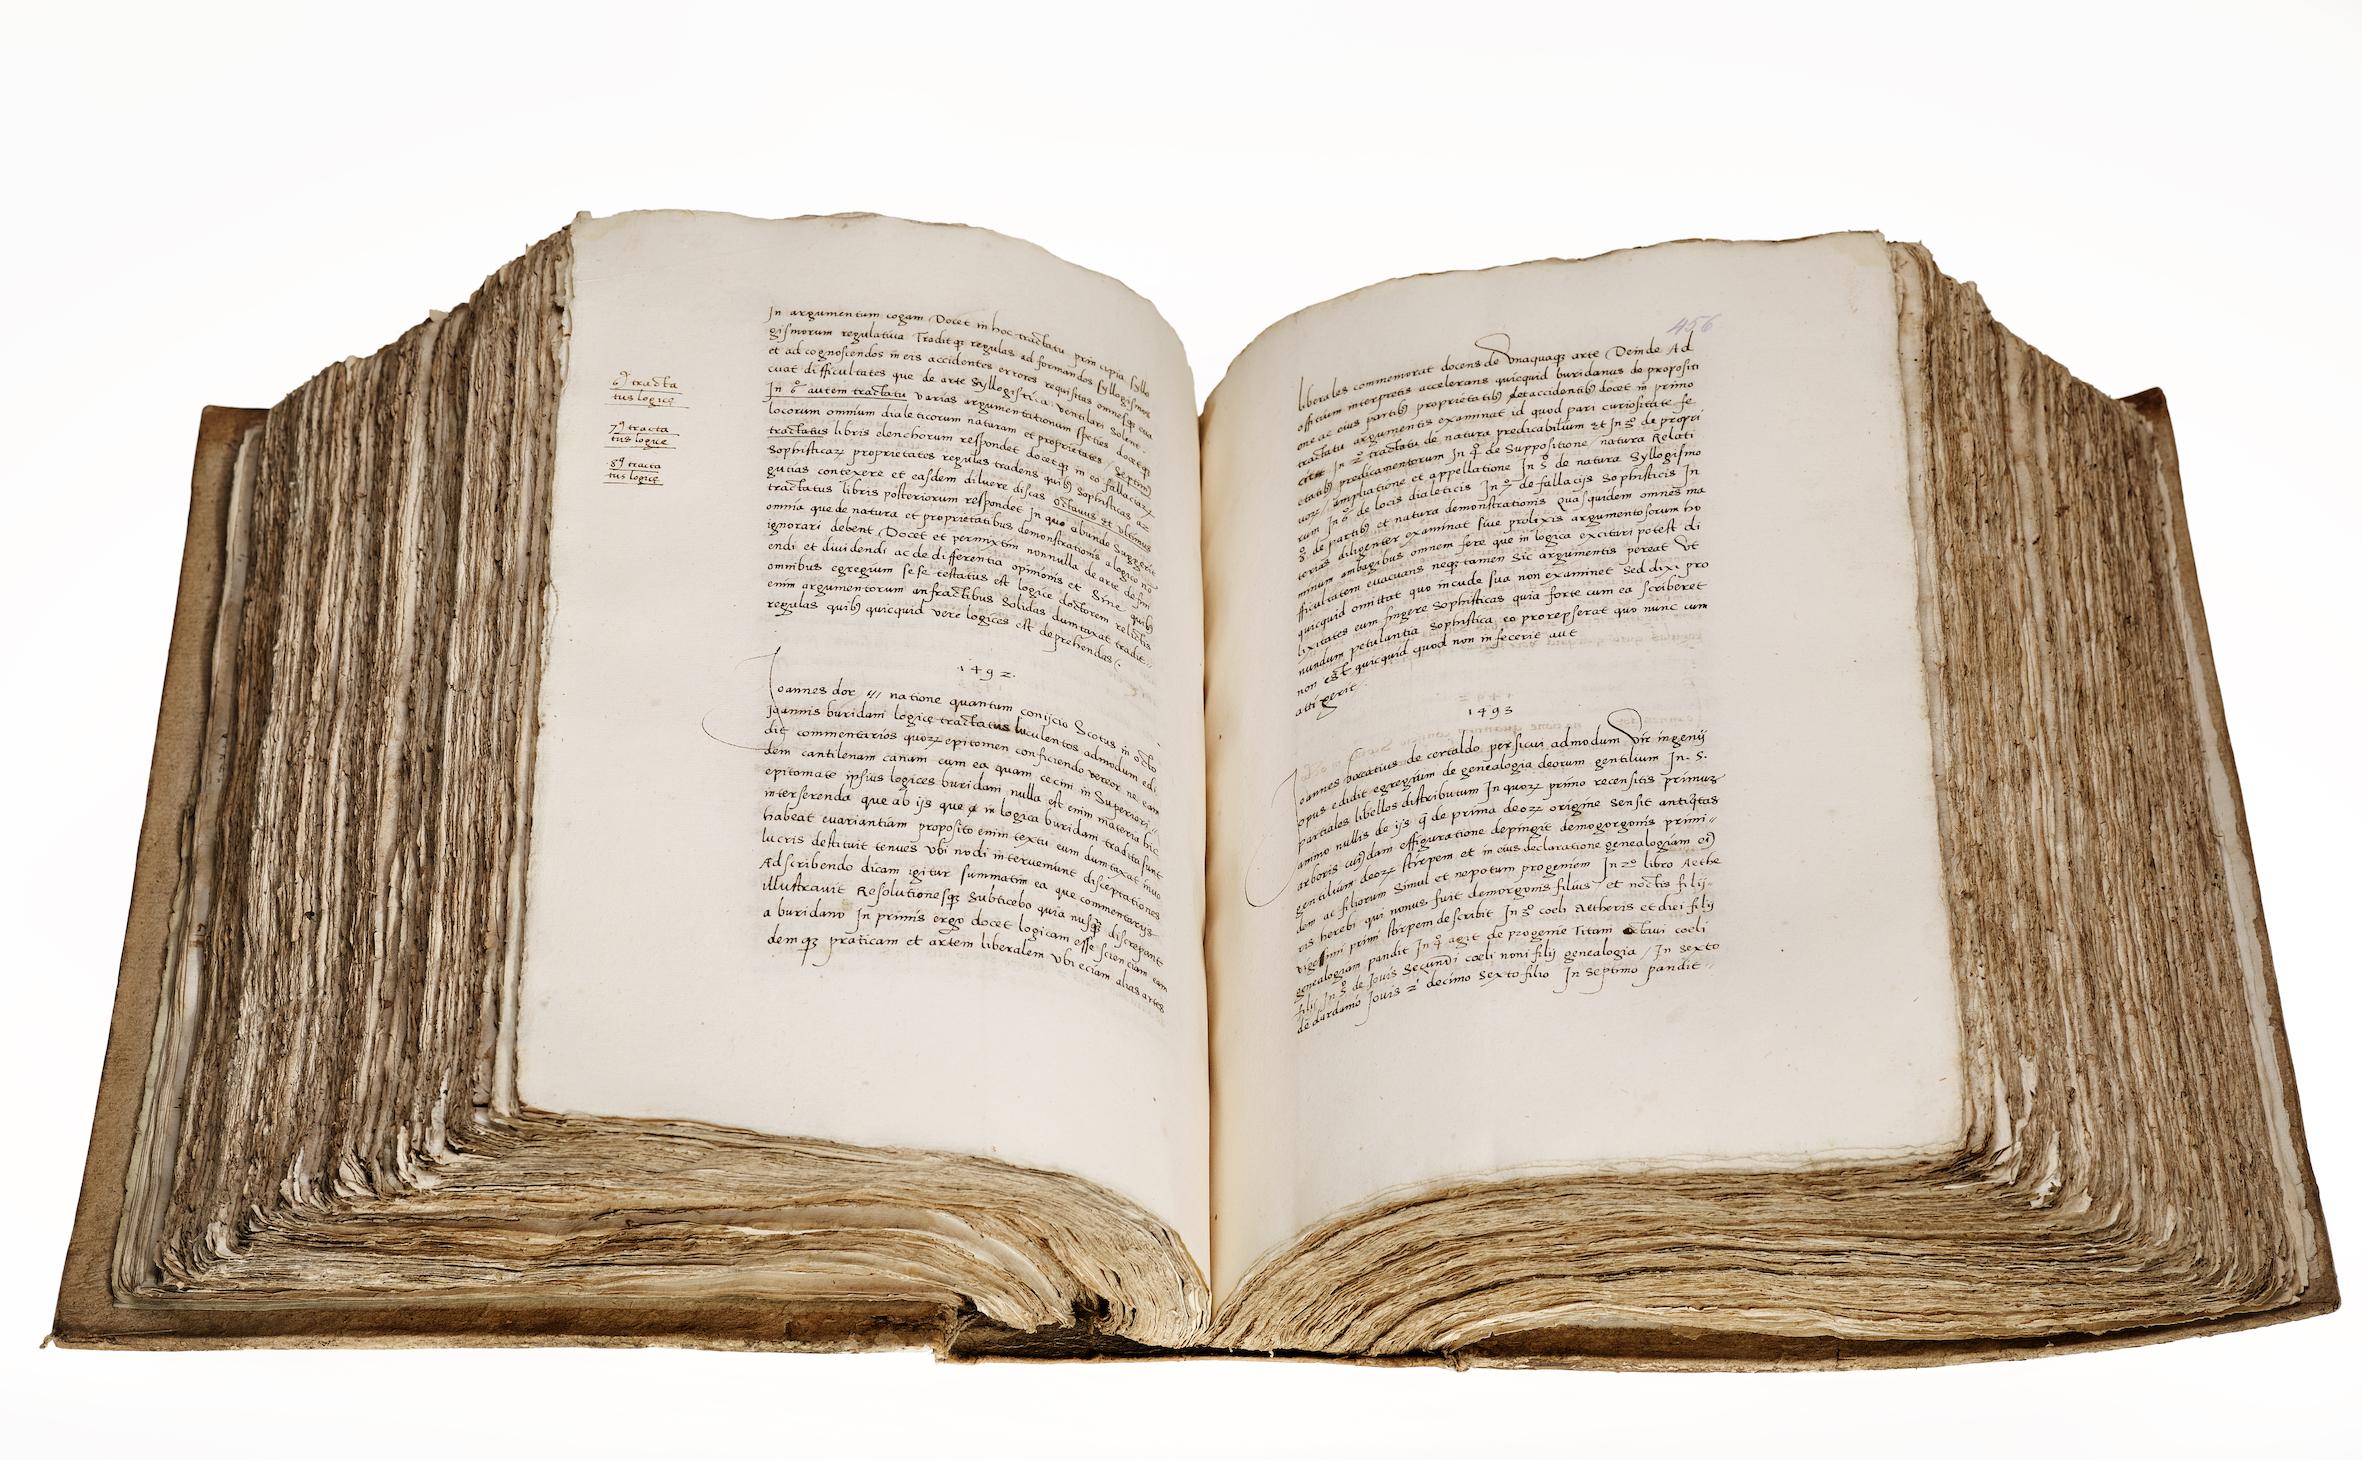 AM 377 fol., ff. 455v-456r